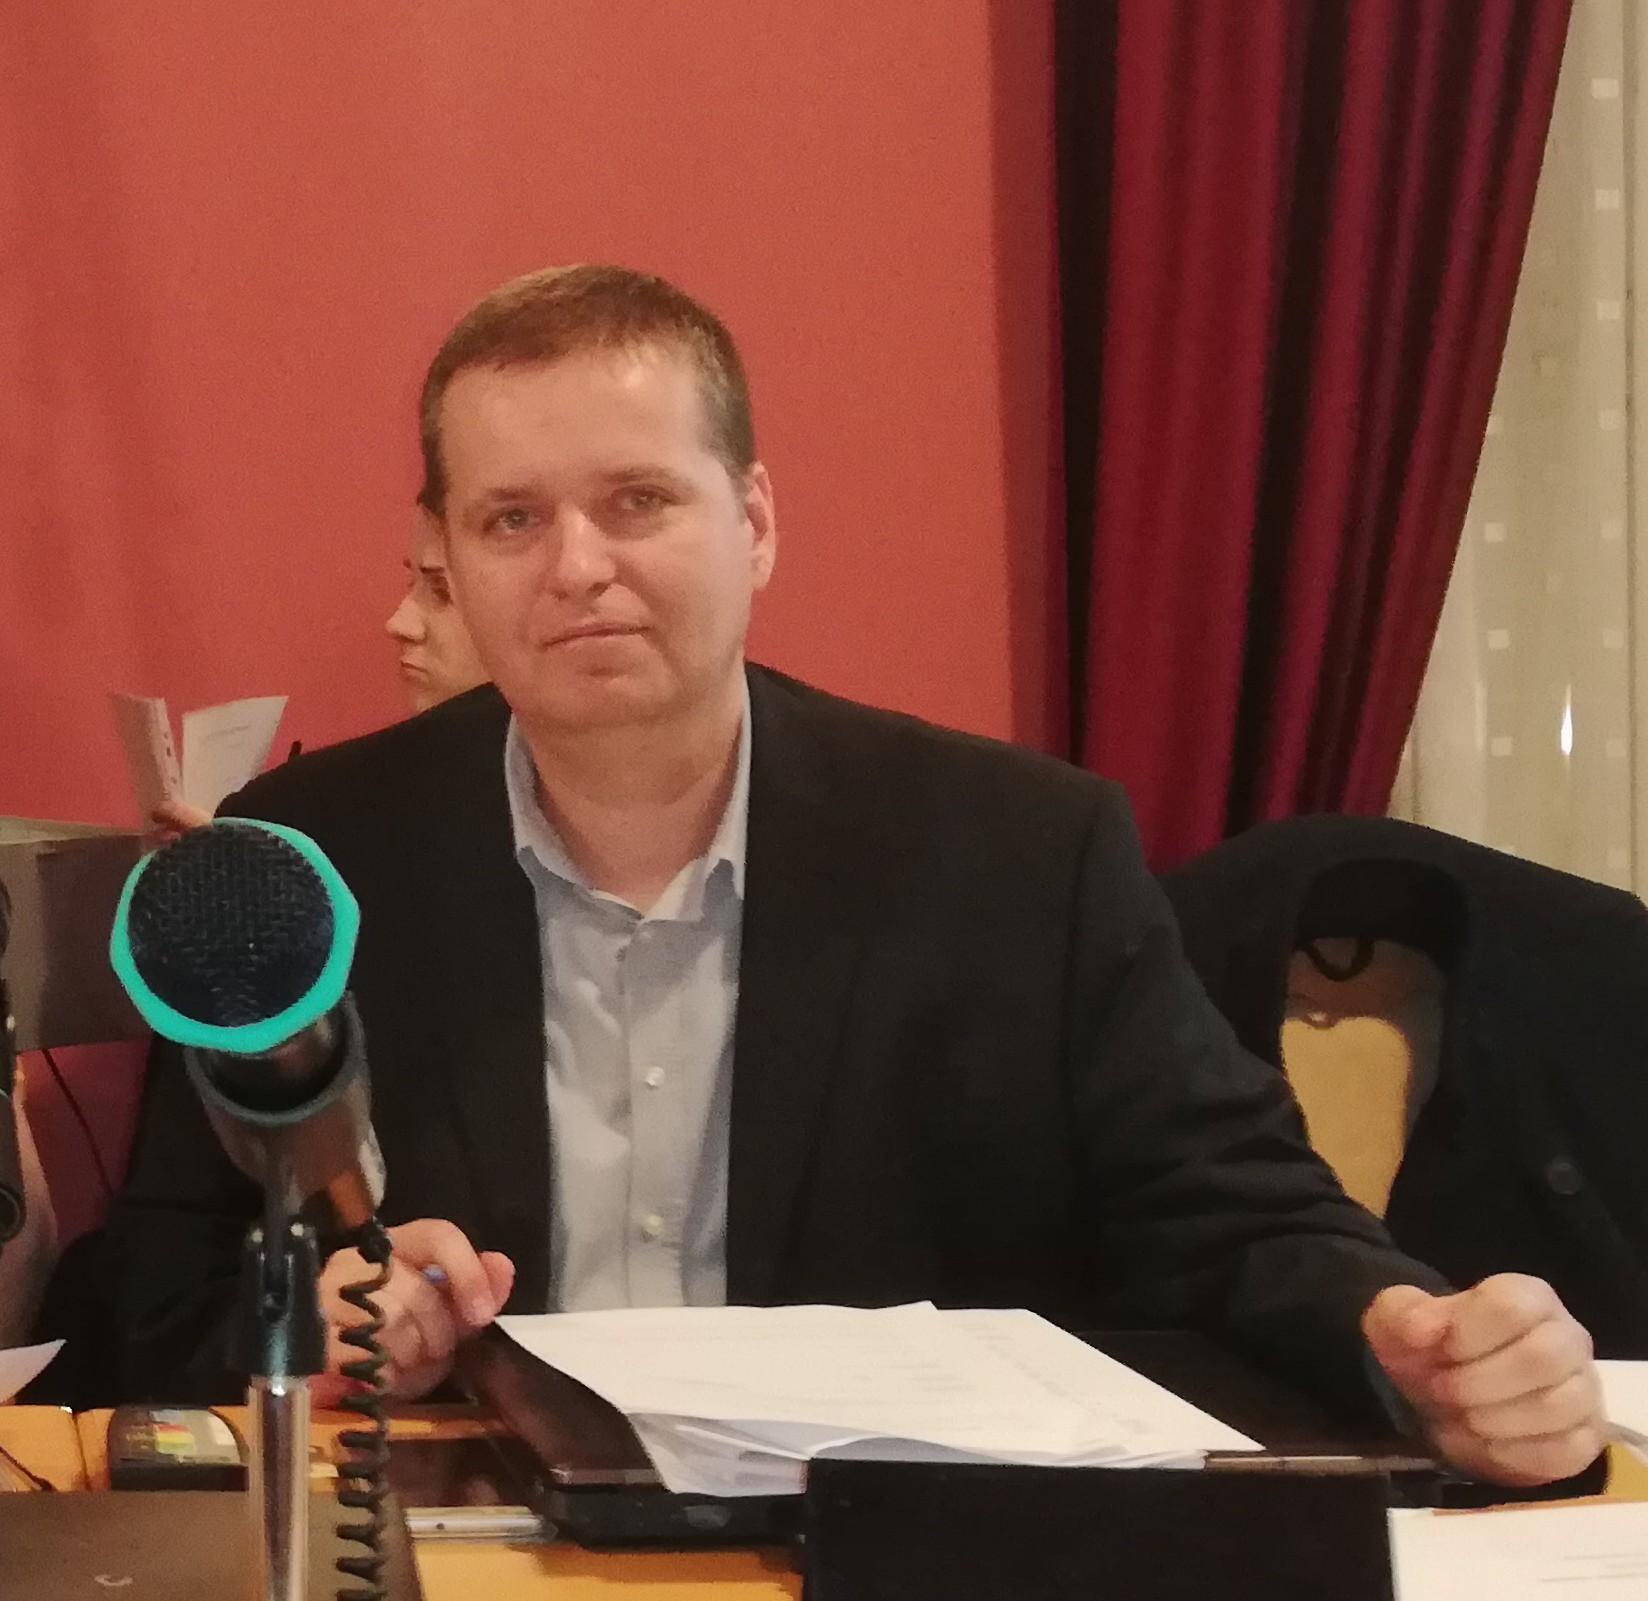 Miroslav Antal